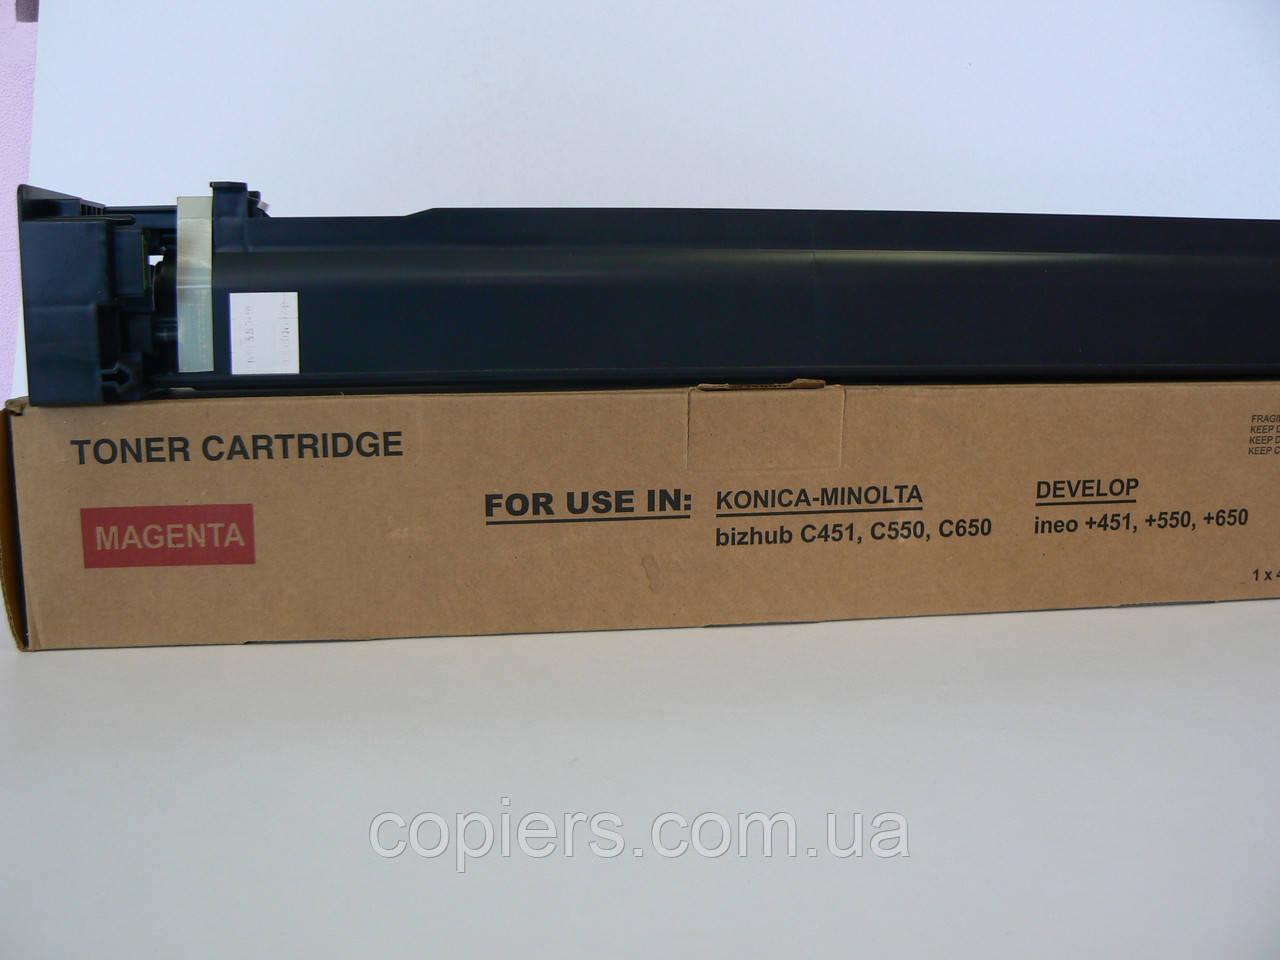 Тонер картридж TN611 М bizhub C451, C550, C650, не оригинал, tn-611m